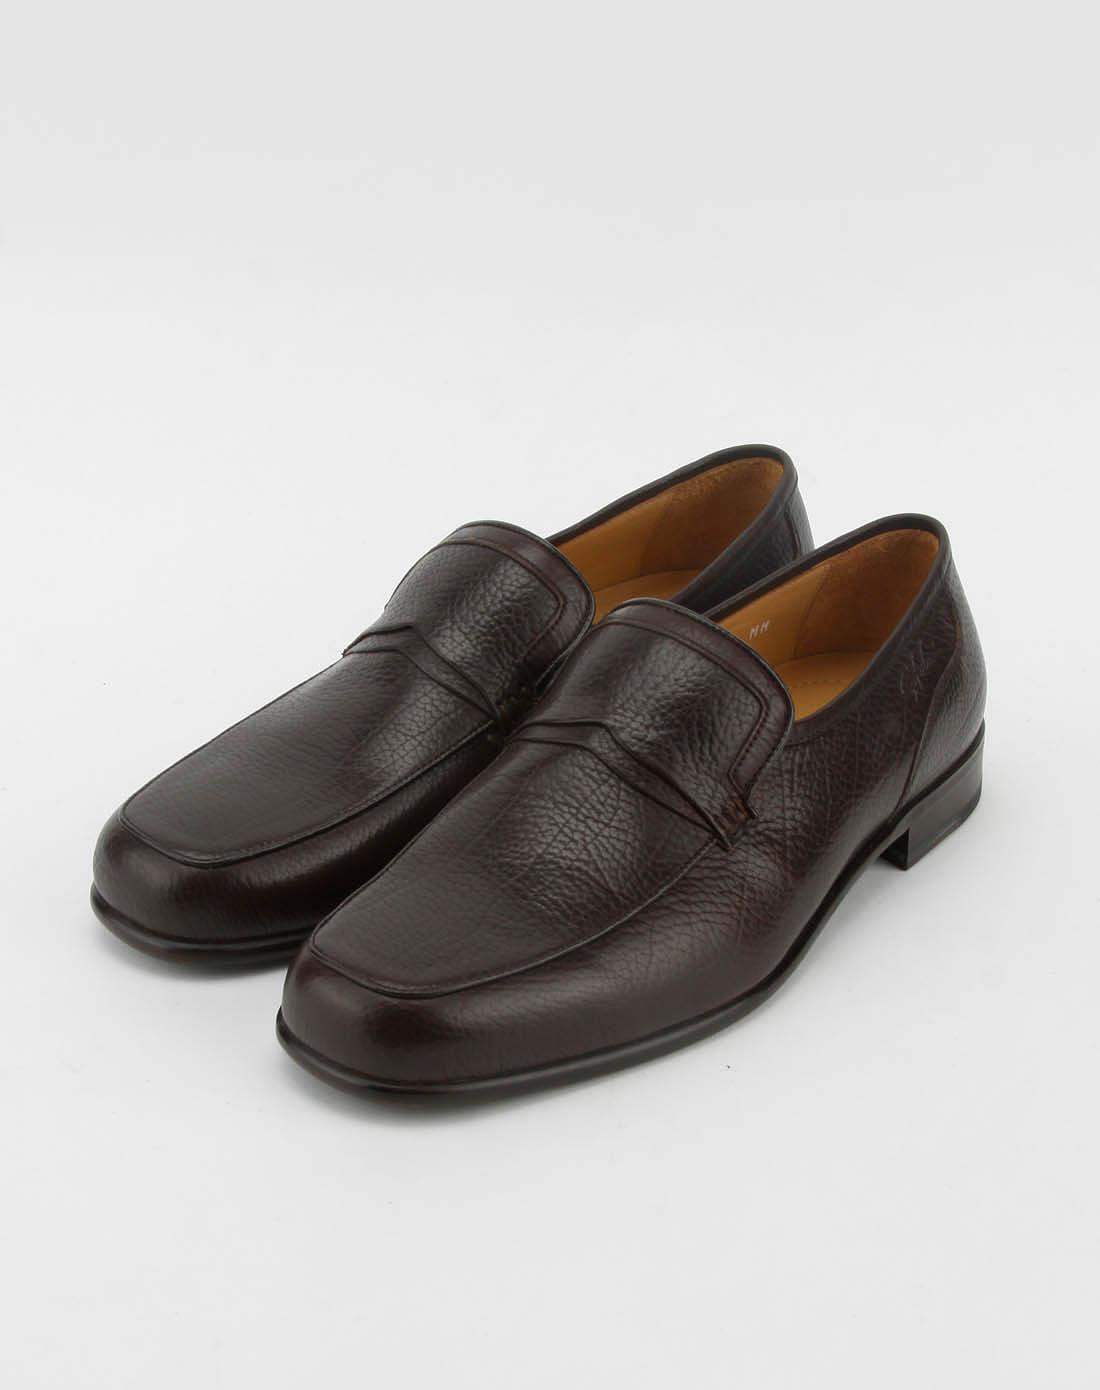 手把手教您鉴别皮鞋的质量 -  红杏 - 红杏